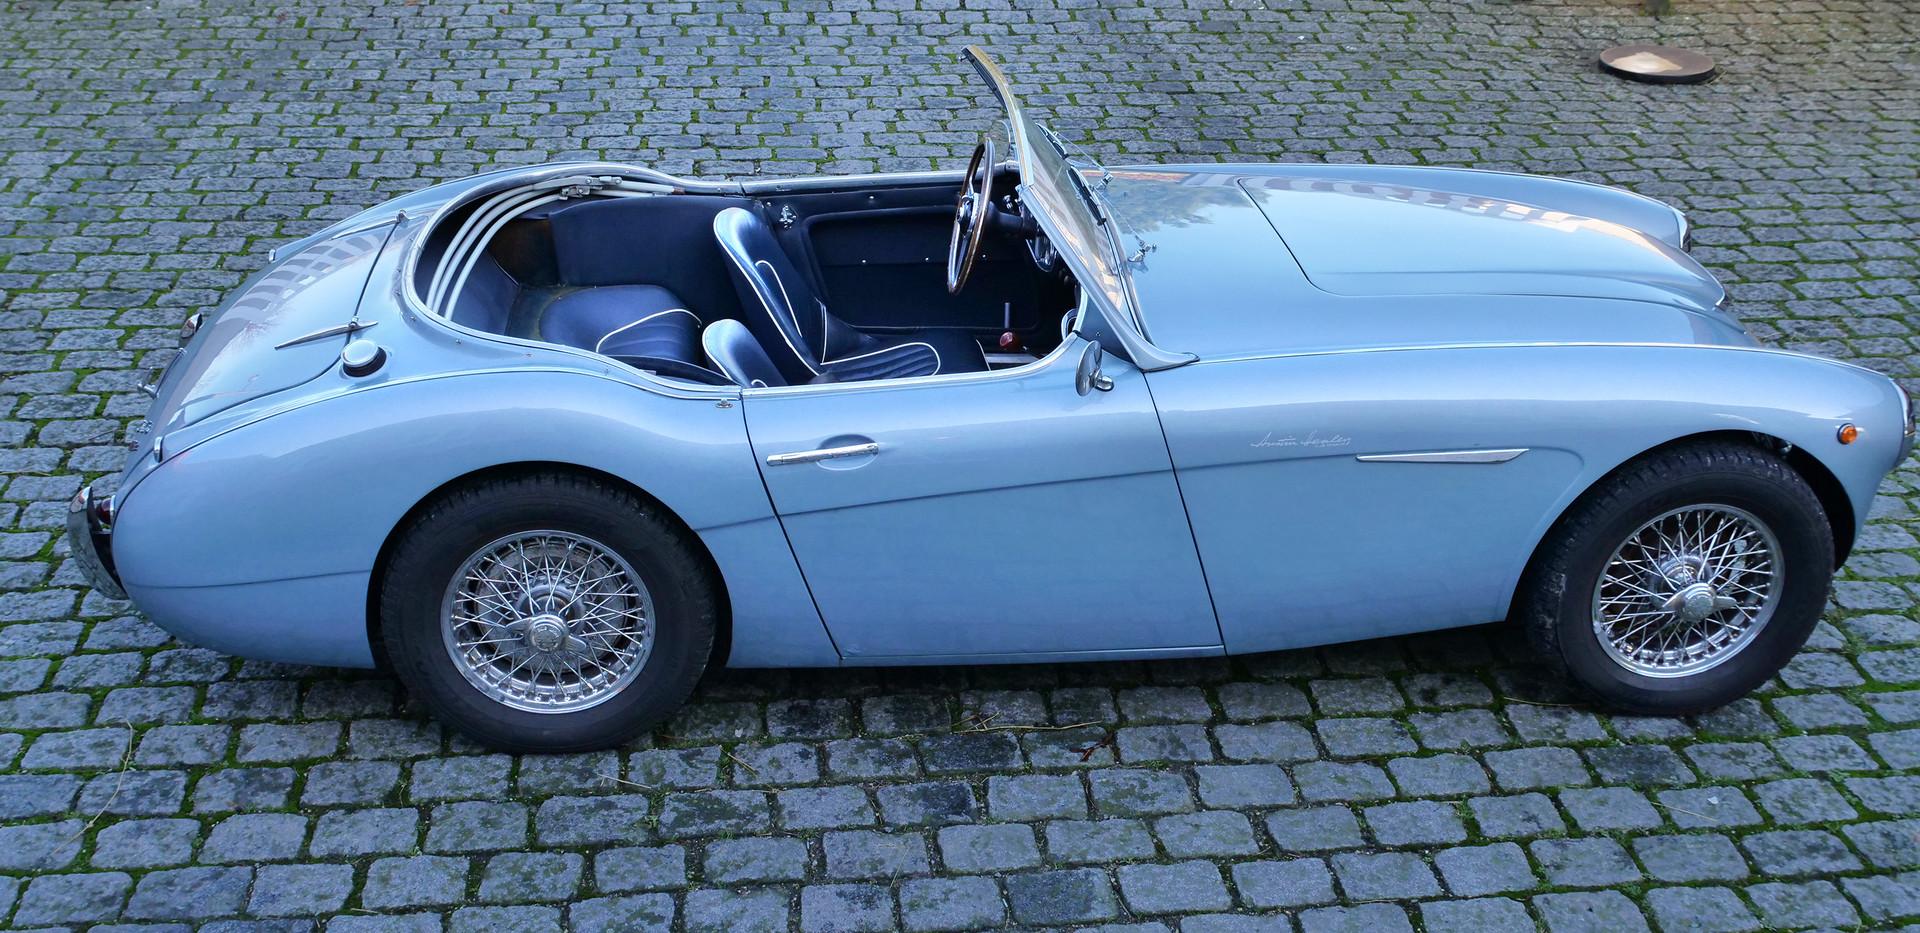 Austin Healey 3000 Mk1